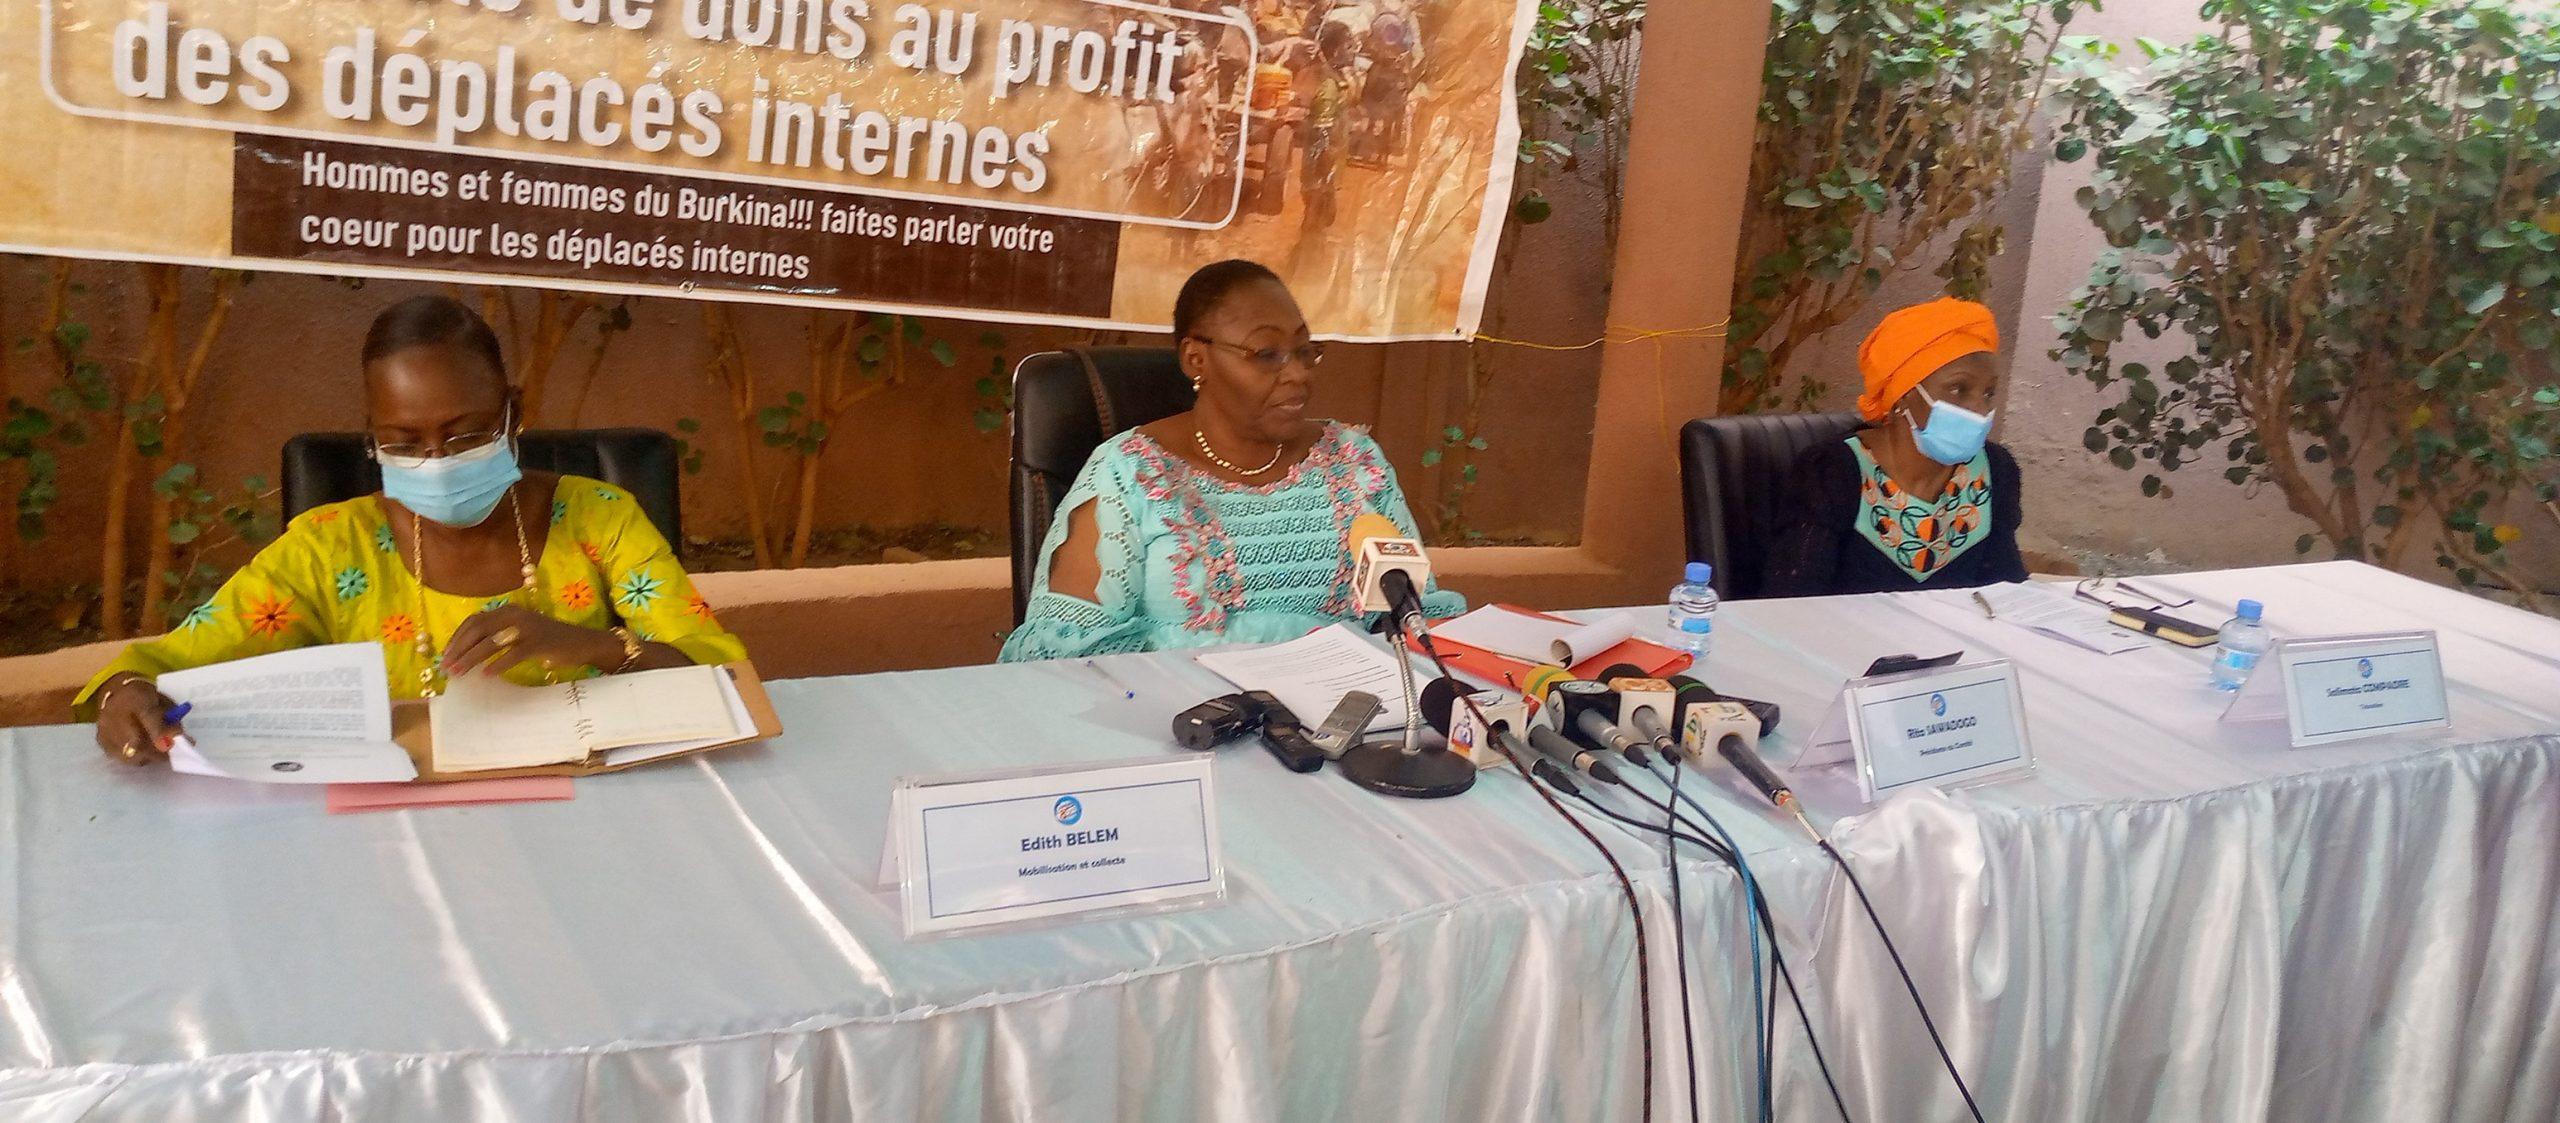 Mouvement « Célébrons le 8 mars autrement » : plus de 16 millions de francs CFA et des vivres distribués aux déplacés internes en 2020